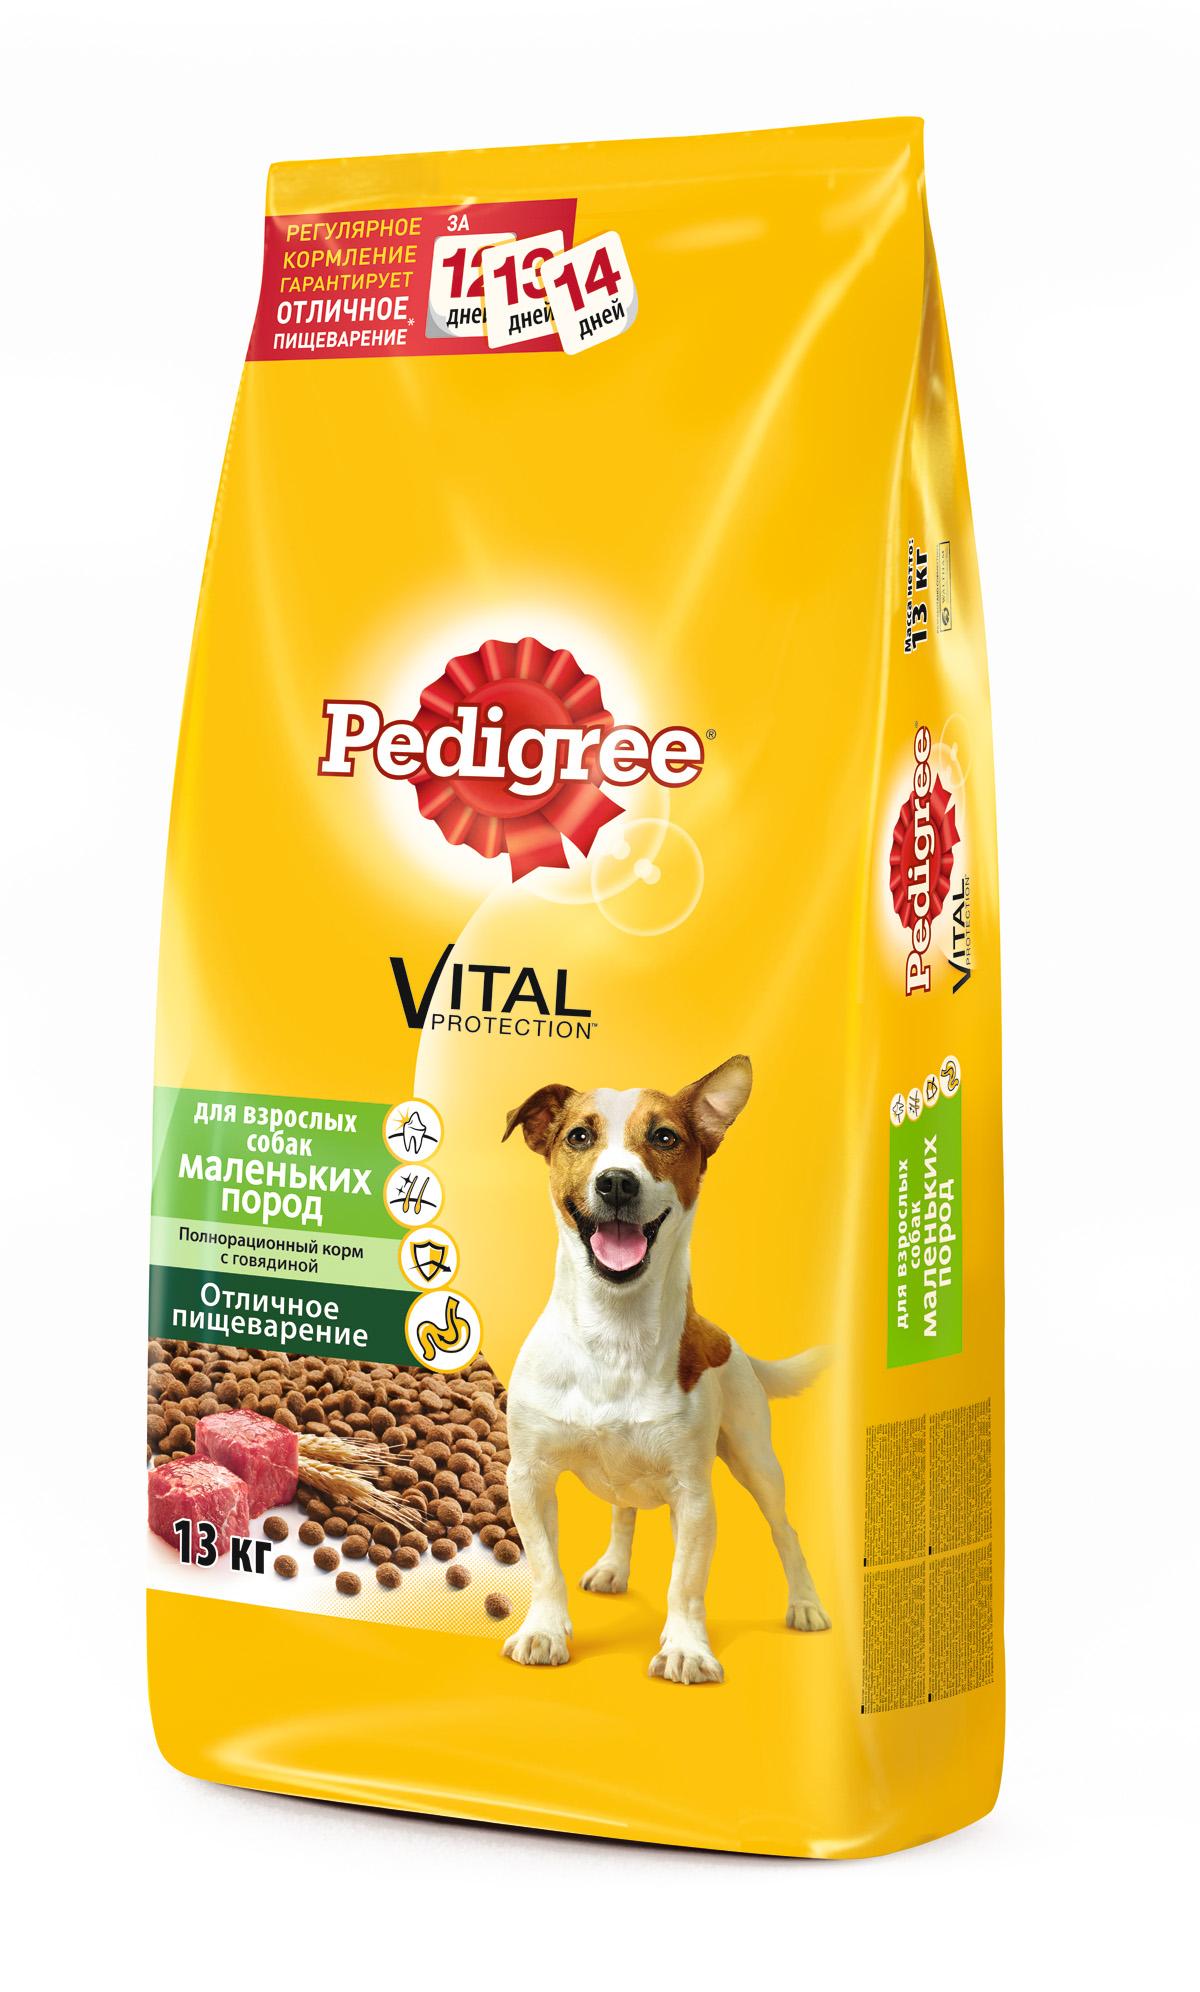 Корм сухой Pedigree для взрослых собак маленьких пород, с говядиной, 13 кг37971Сухой корм Pedigree для взрослых собак весом меньше 14 кг - этополнорационный корм с говядиной, который предназначен для взрослых собак маленьких и карликовых пород. Он состоит из качественных инатуральных ингредиентов: мяса, овощей, злаков. Корм способствуетздоровому росту и гармоничному развитию вашего питомца. Он создан с учетомособенностей пищеварения собаки, легко усваивается и обеспечиваетправильную работу желудочно-кишечного тракта. Состав: кукуруза, рис, пшеница, куриная мука, мясная мука (в том числе говядинаминимум 4%), свекольный жом, подсолнечное масло, жир животный, пивныедрожжи, витамины и минералы. Пищевая ценность (100 г): белки 21 г, жиры 14 г, зола 7 г, клетчатка 4 г,влажность не более 10 г, кальций 1,3 г, фосфор 0,8 г, натрий 0,3 г, калий 0,58 г,магний 0,1 г, цинк 20 г, медь 1,5 г, витамин А 1500 МЕ, витамин Е 20 мг, витаминD3 120 МЕ, витамины B1, B2, B4, B5, B12, ниацин, омега-6, омега-3,полиненасыщенные жирные кислоты. Энергетическая ценность (100 г): 365 ккал. Вес: 13 кг. Товар сертифицирован.